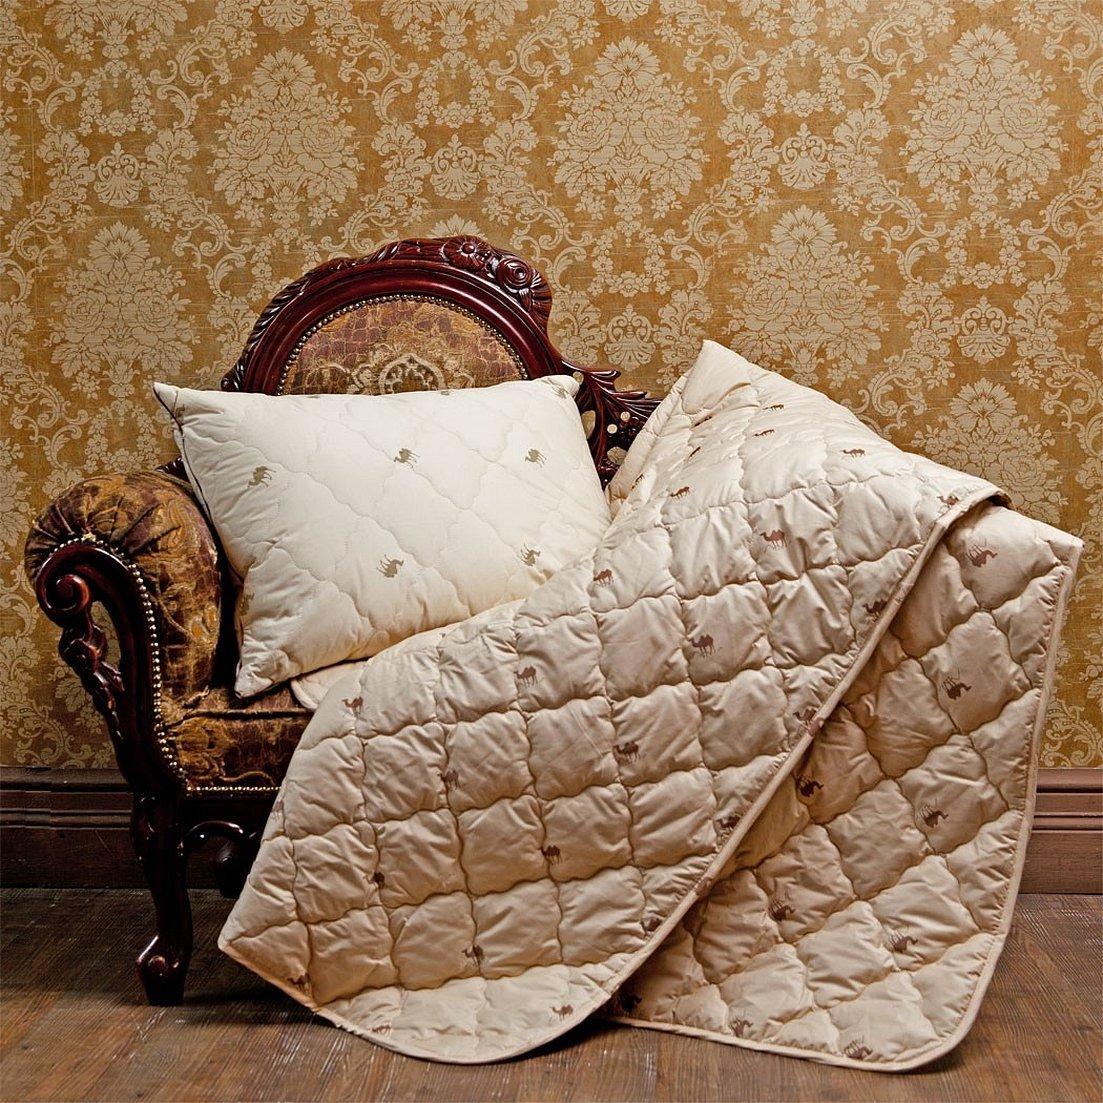 Одеяло из овечьей шерсти в интерьере